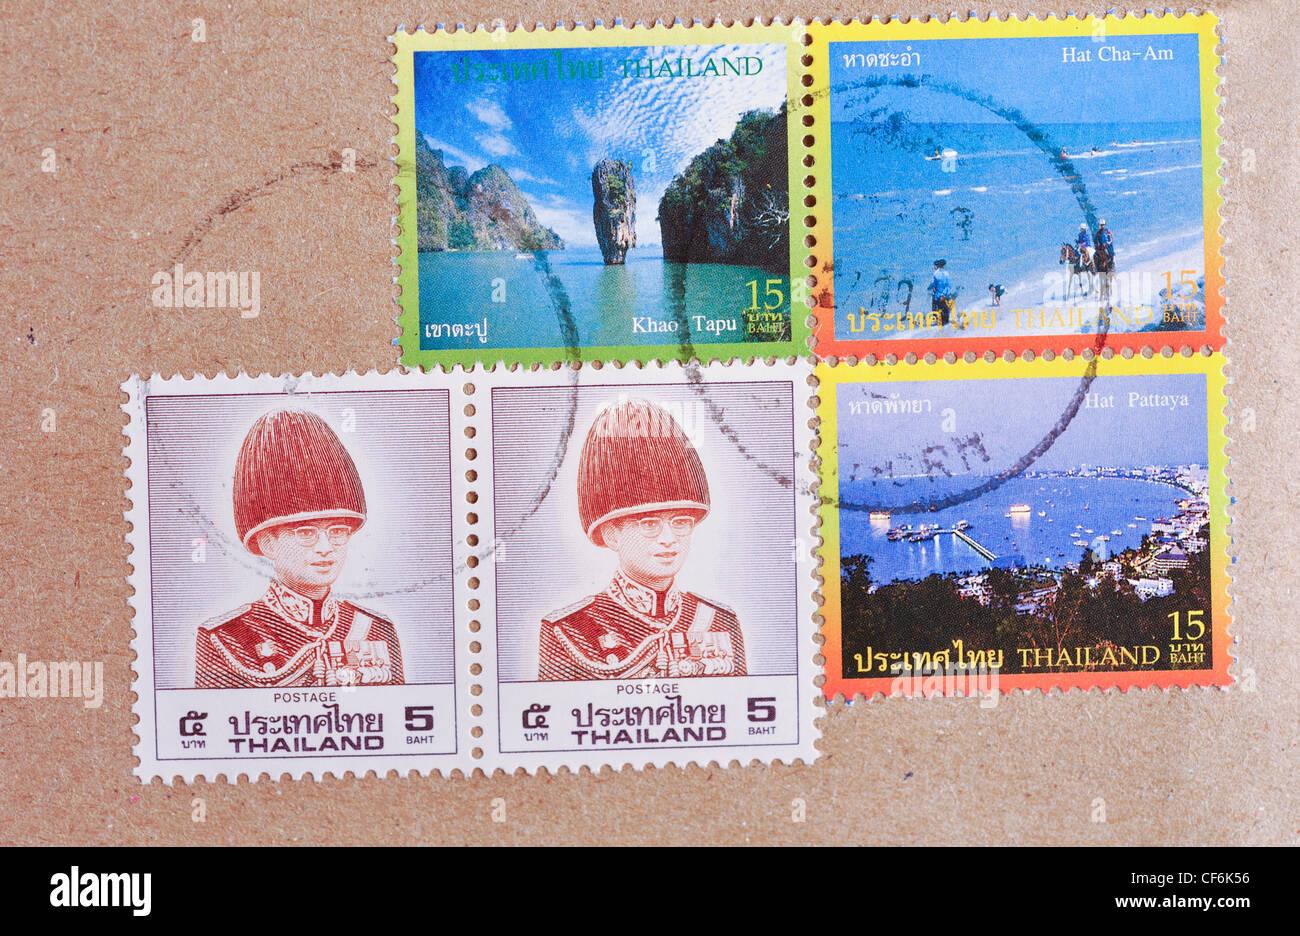 Thailand Briefmarken Auf Brief Stockfoto Bild 43787330 Alamy